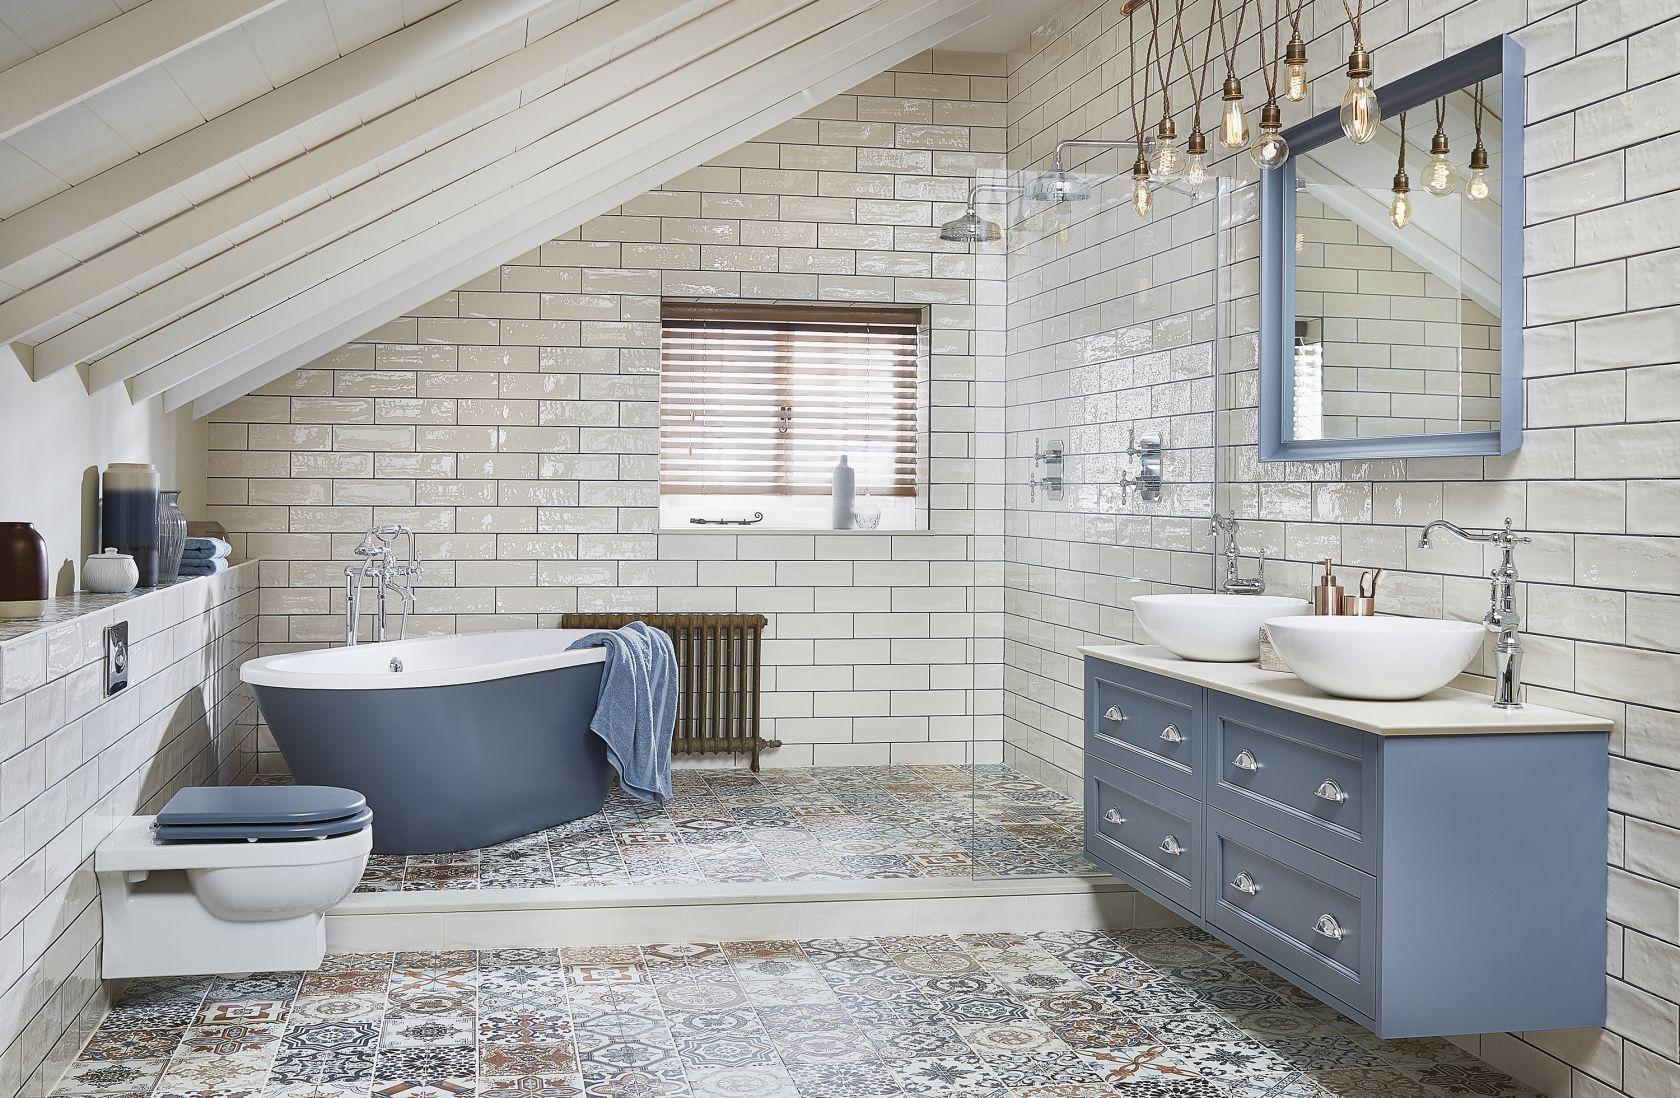 Aprenda a Escolher o Box de Vidro Ideal para o Seu Banheiro